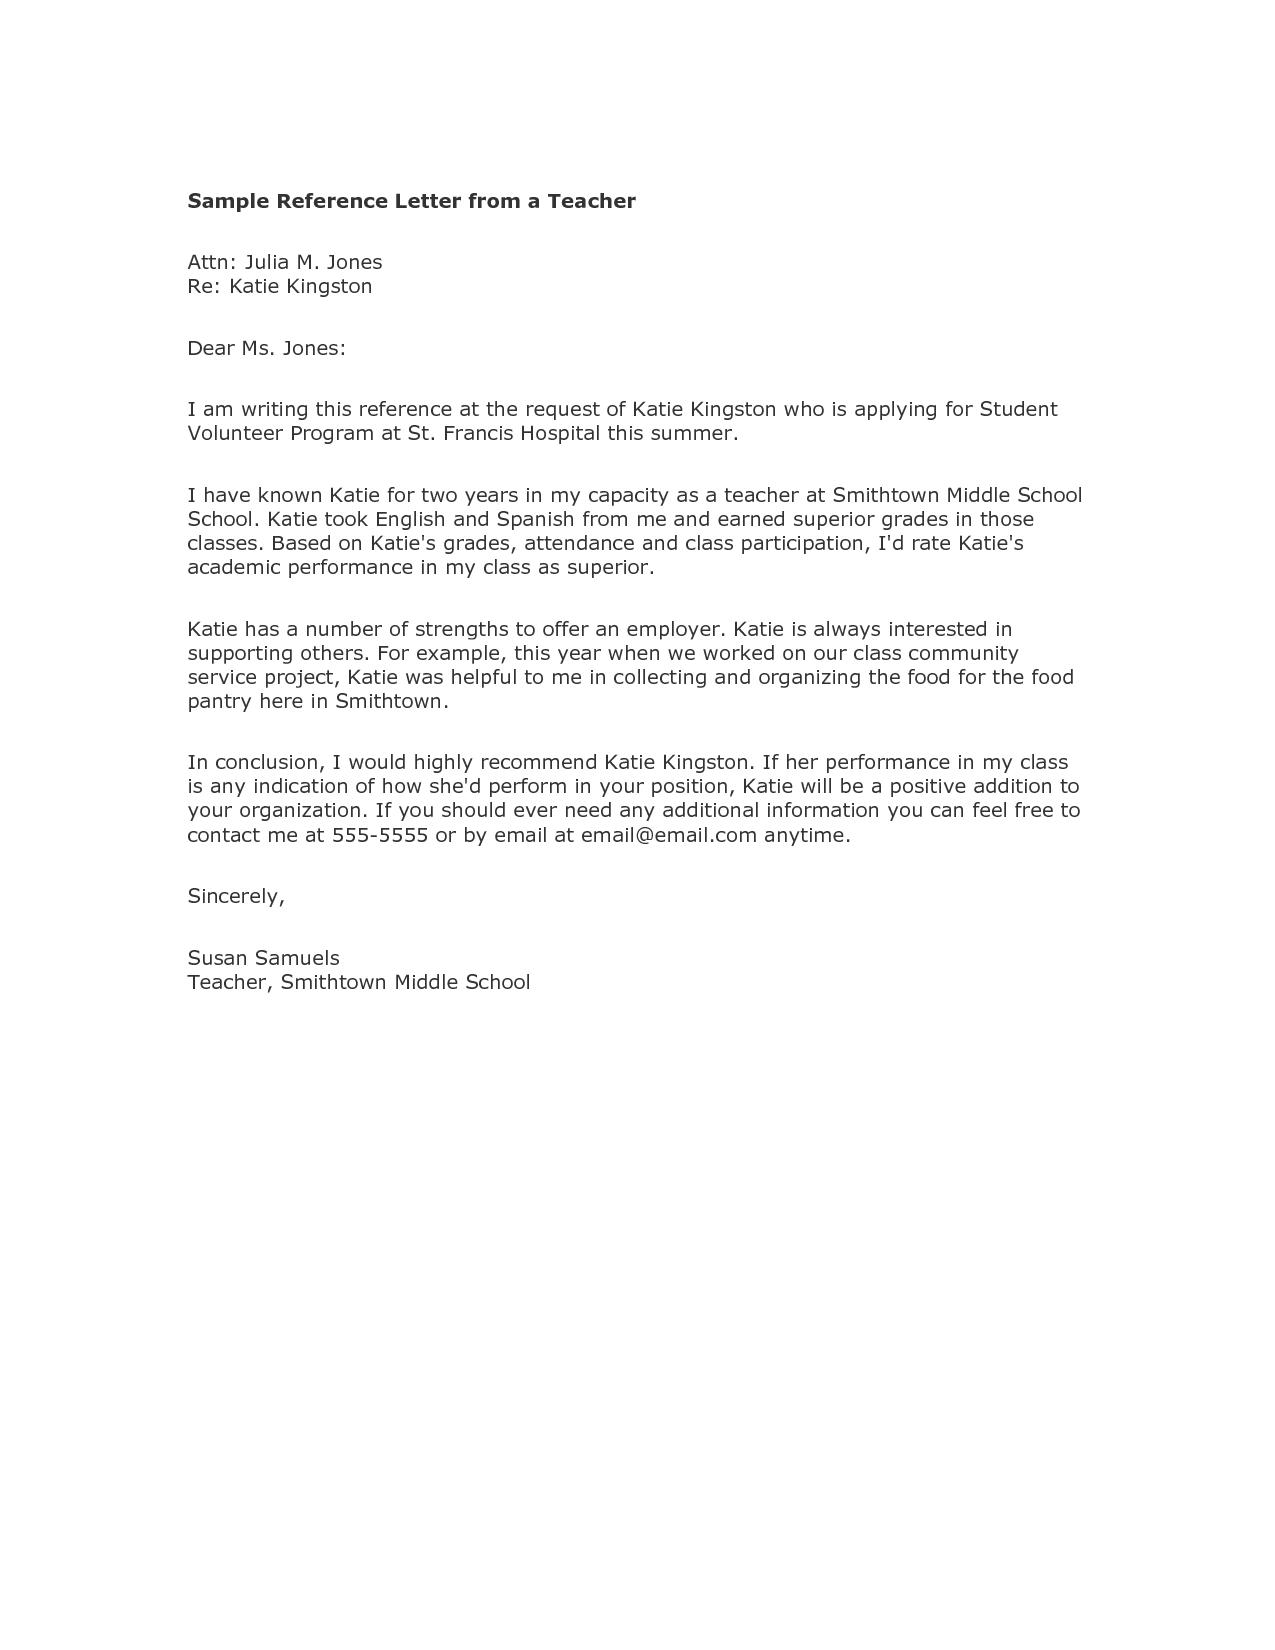 Recommendation Letter Sample For Teacher From Parent http://